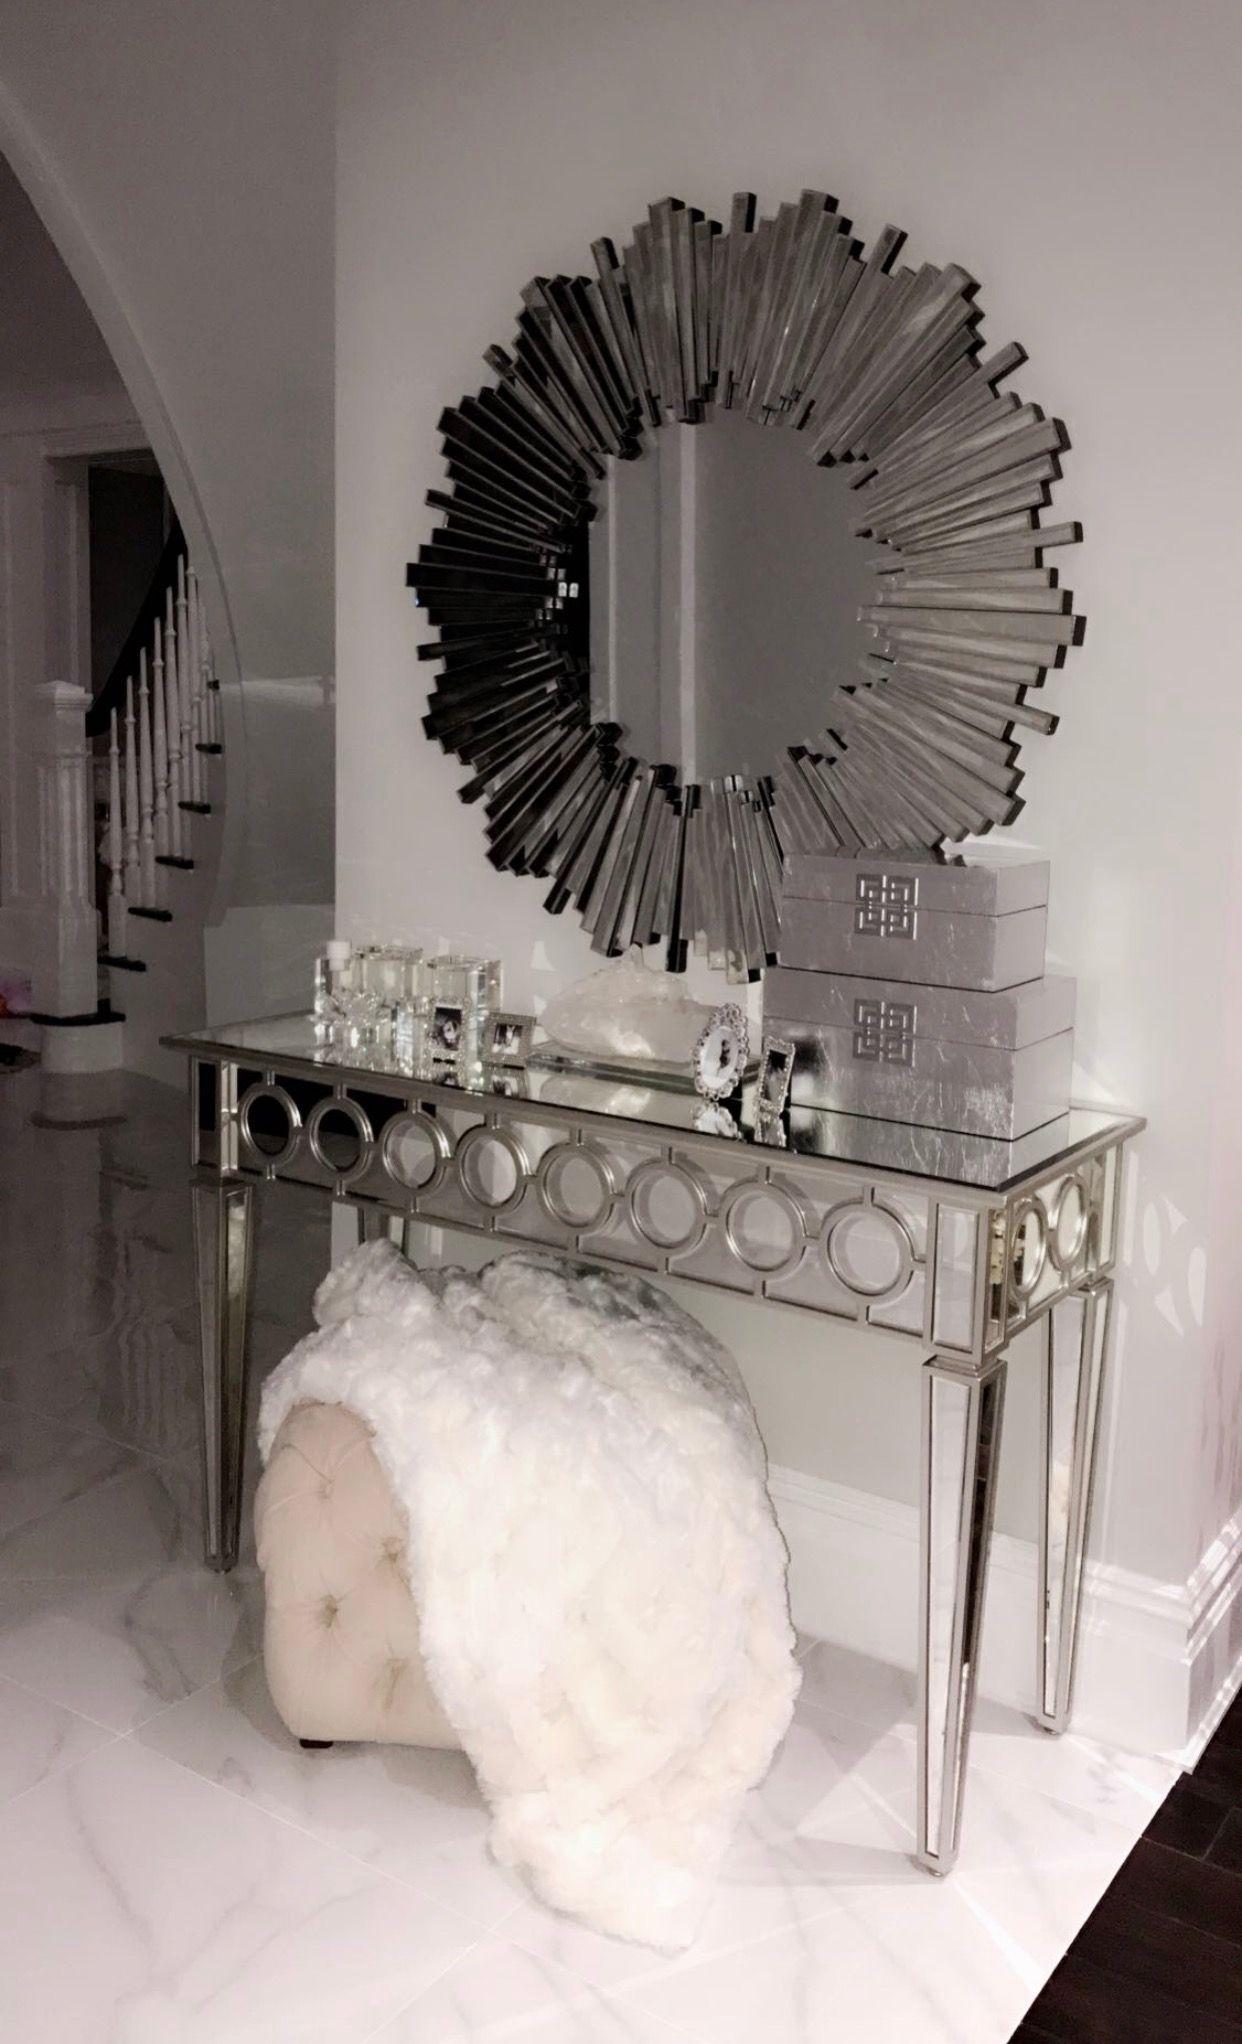 Tuve silver room decor